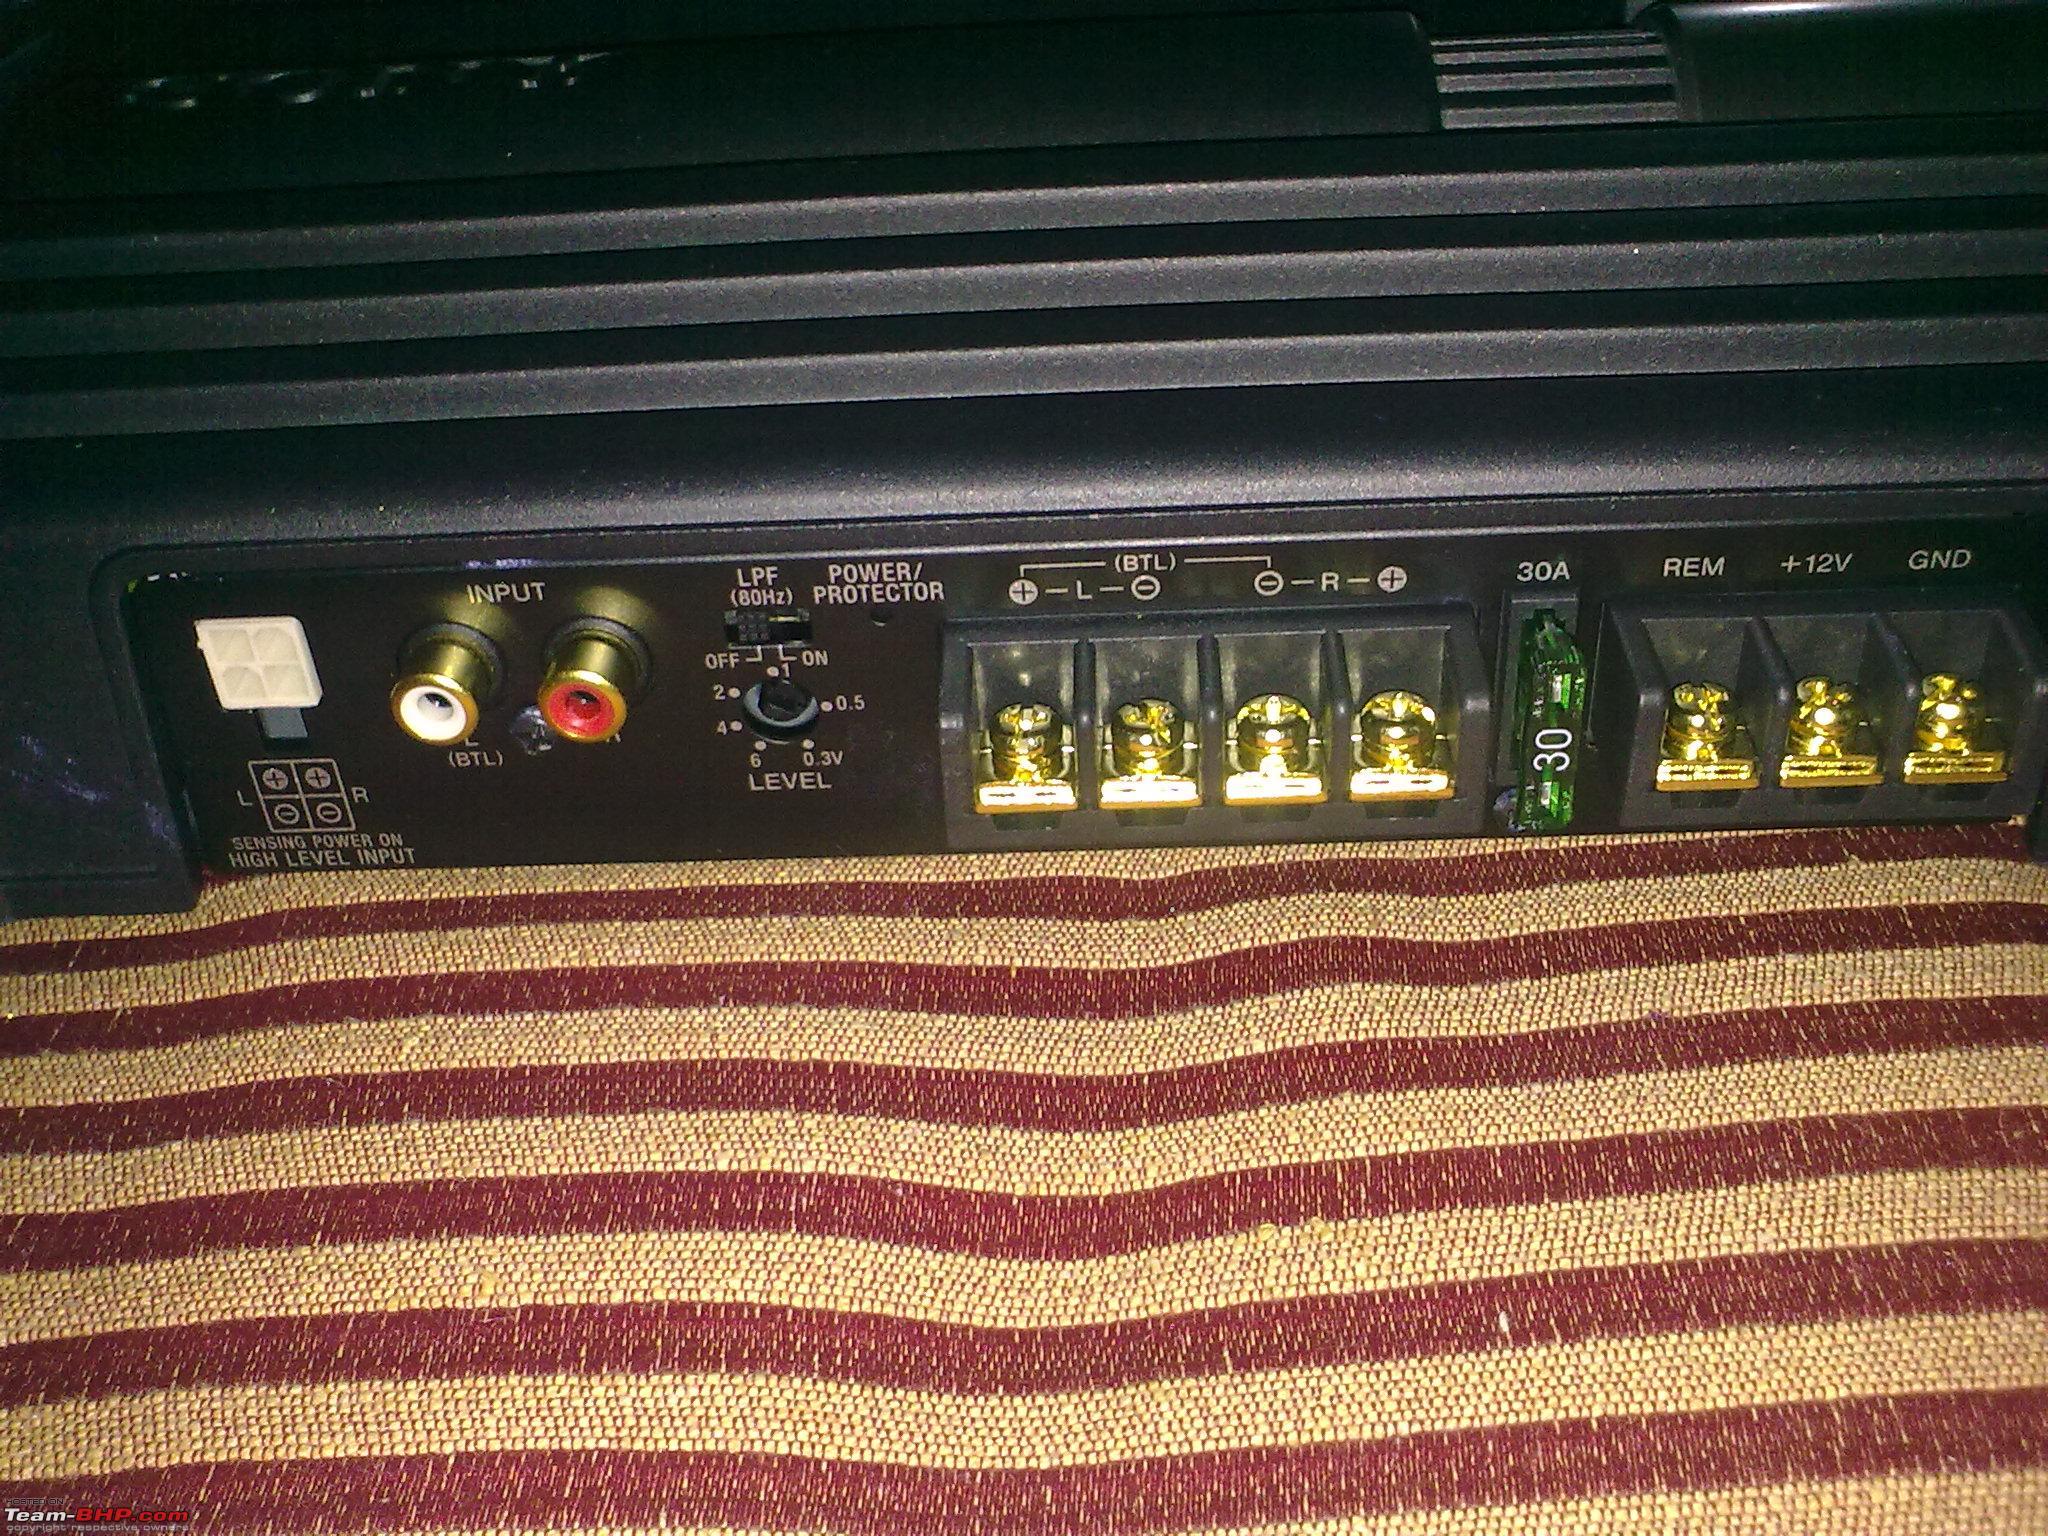 oo_6315] sony xplod xmzr604 4channel 600 watt car amplifier xmzr604 600 watt sony xplod amp wiring diagram sony xplod 1000 watt amp wiring diagram proe hendil mohammedshrine librar wiring 101